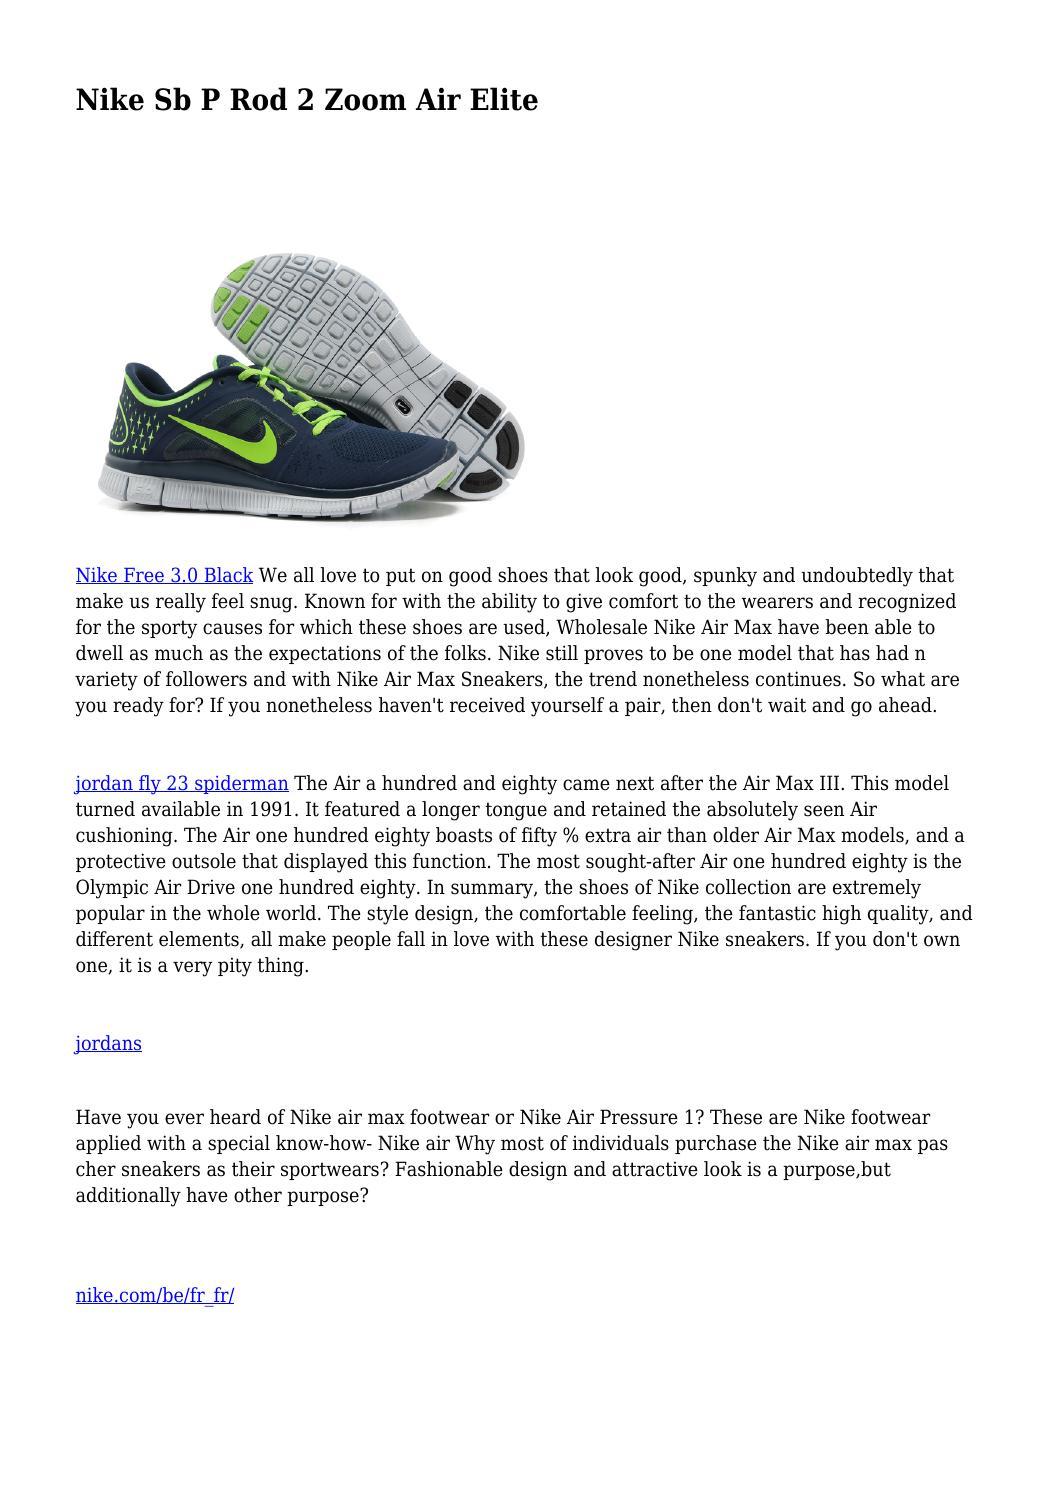 low priced 39d6e d8f8a Nike Sb P Rod 2 Zoom Air Elite by entertainingdog81 - issuu